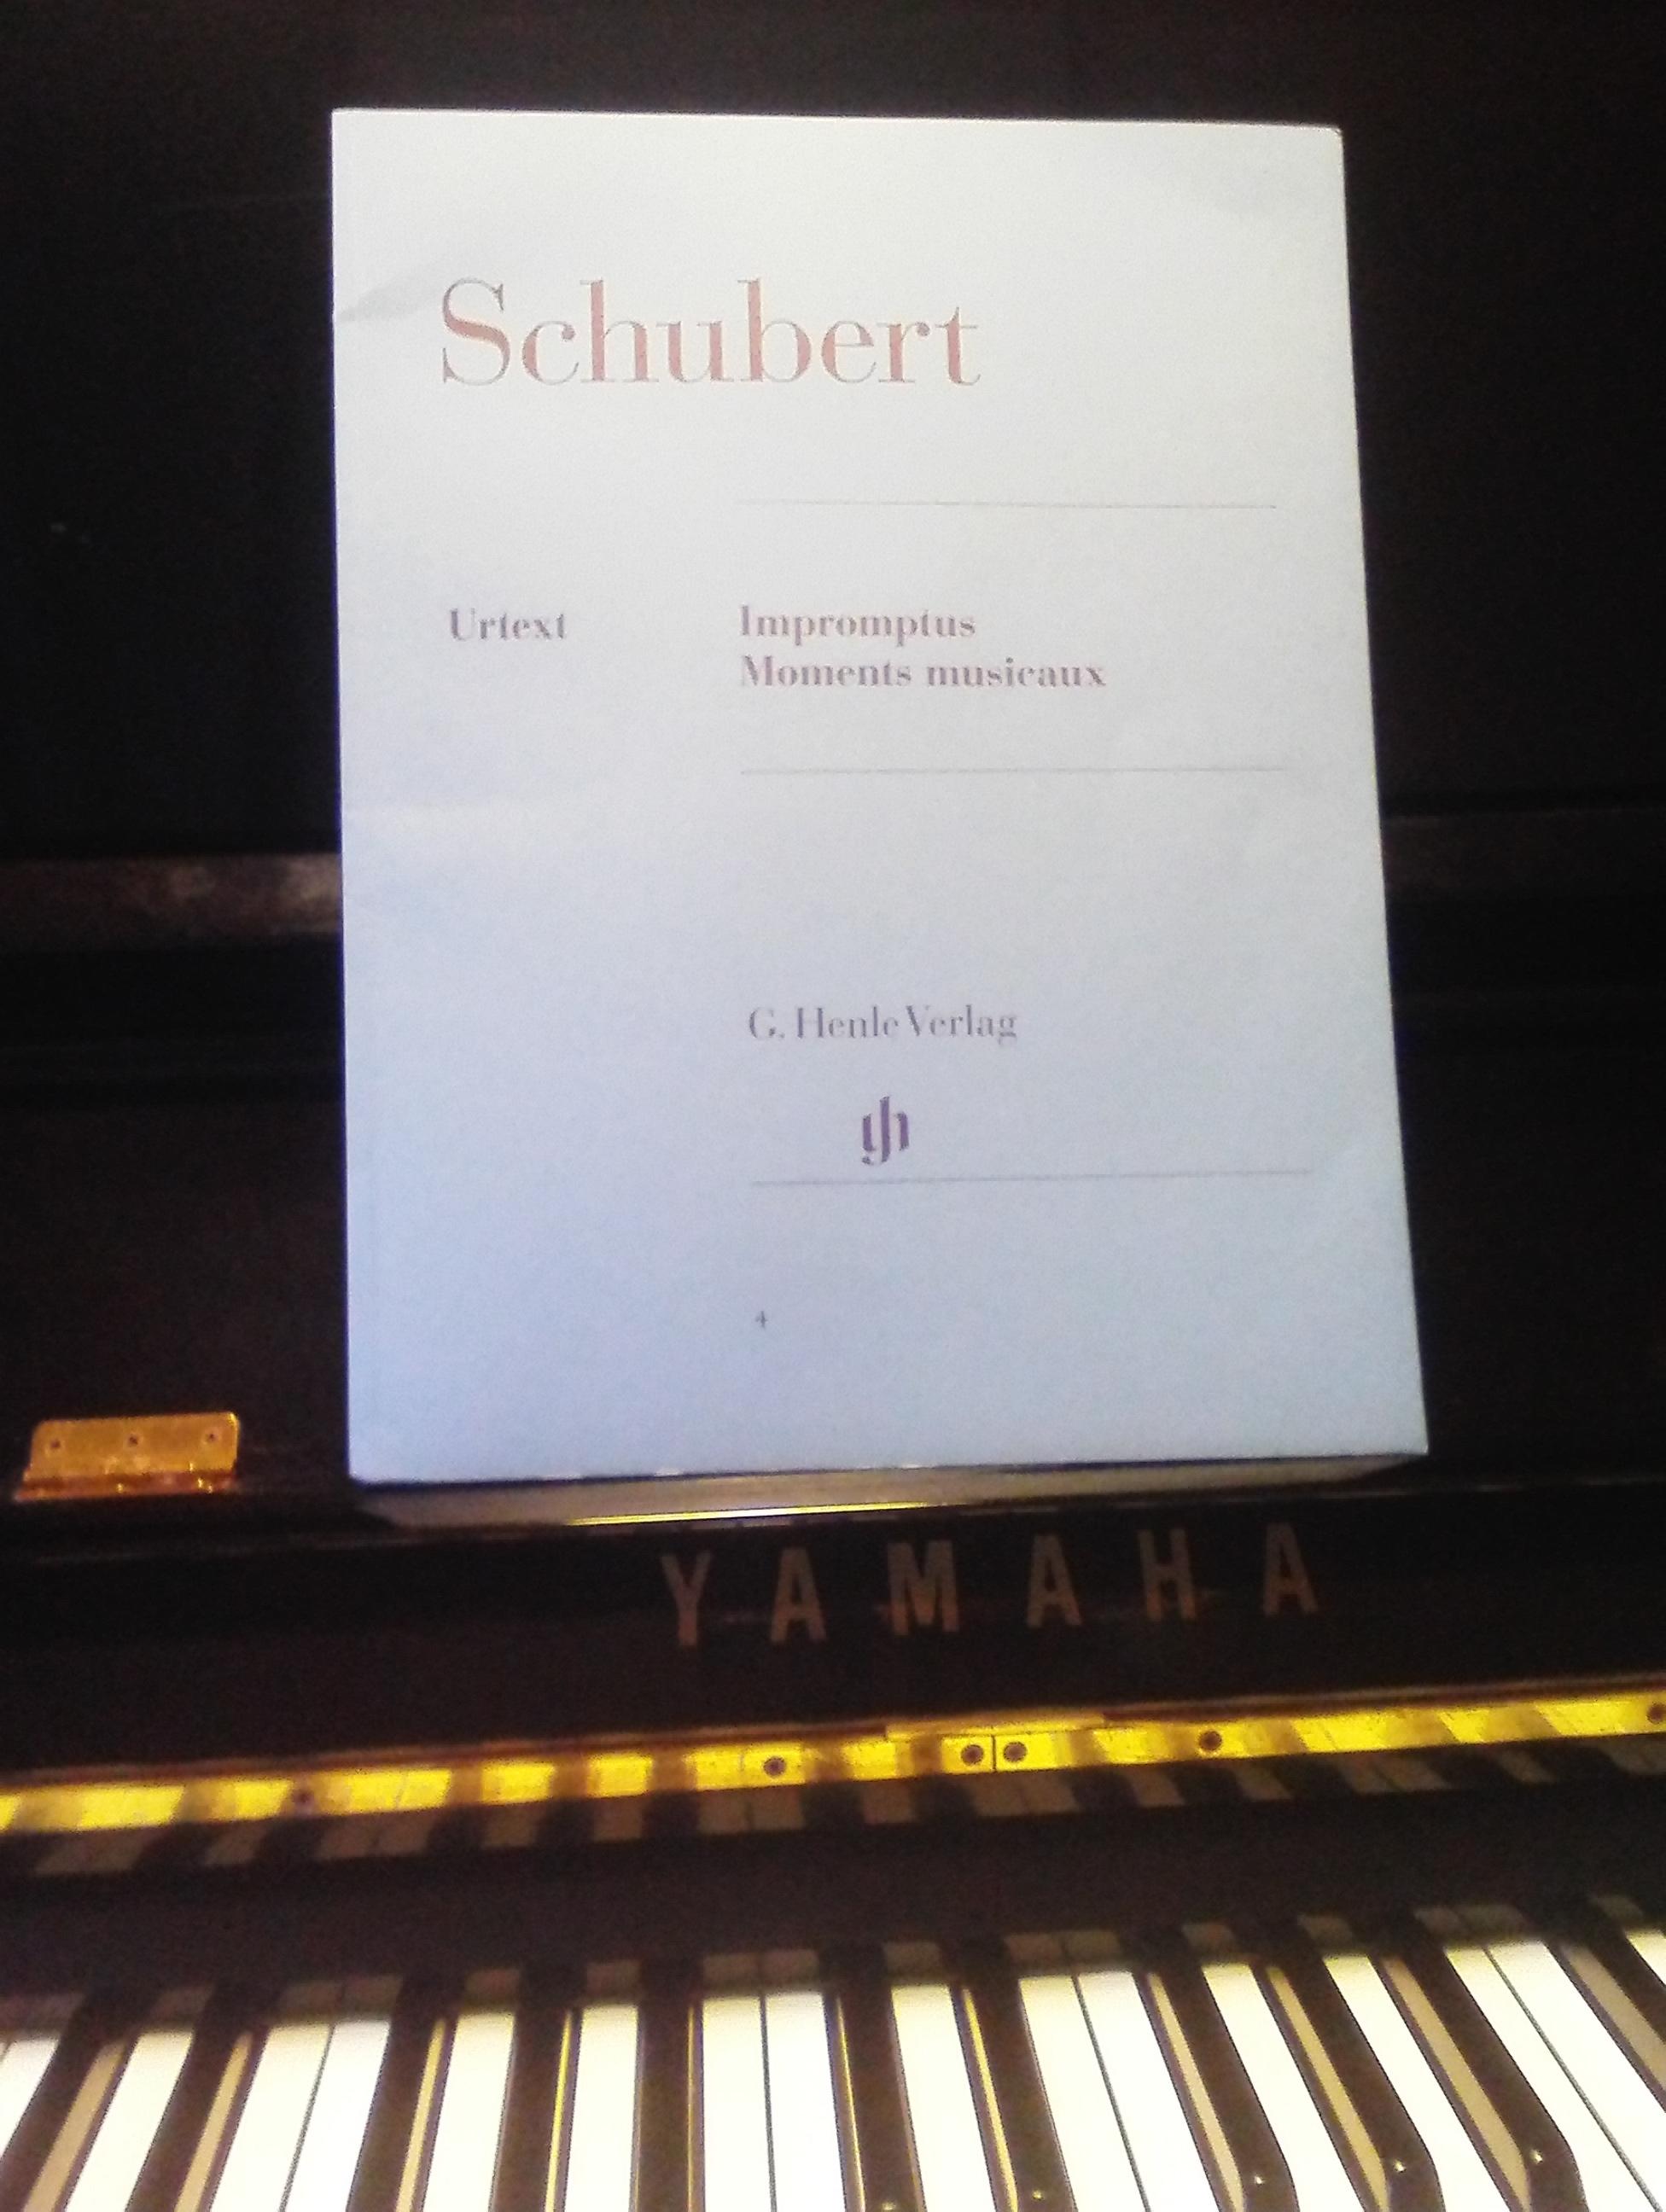 シューベルト/即興曲&楽興の時/楽譜ヘンレ版